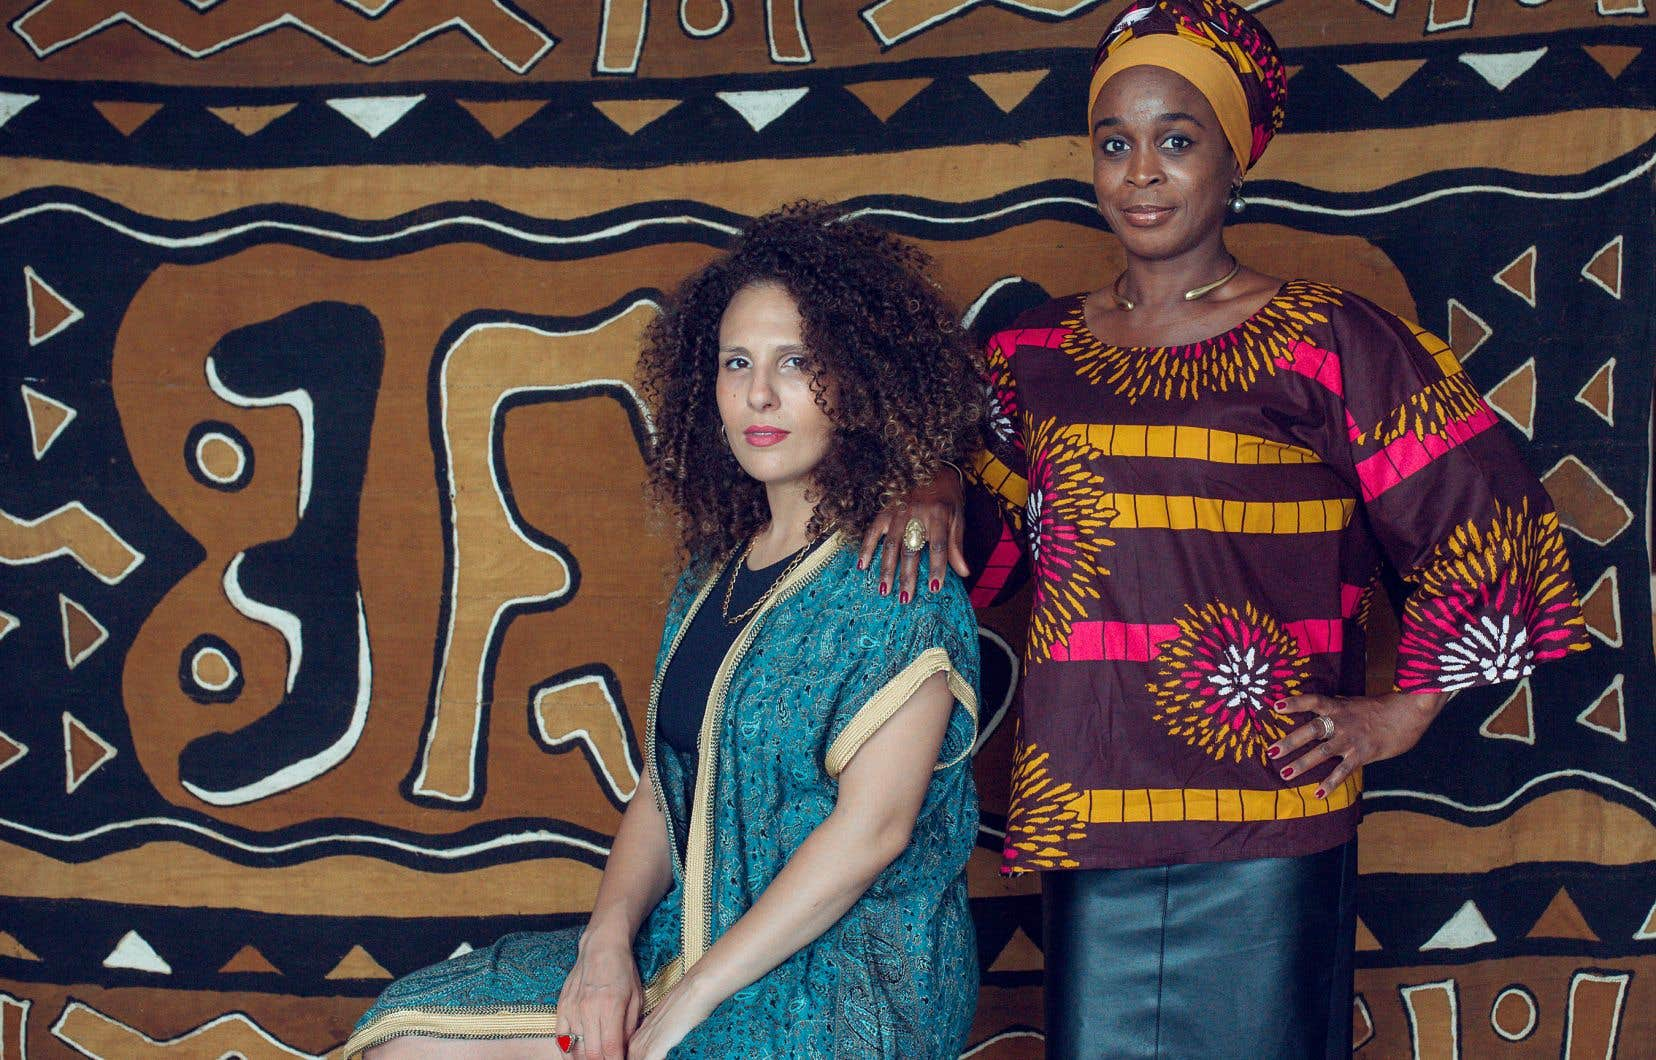 Meryem Saci (à gauche) et Carine au Micro sont en vedette au Festival Nuits d'Afrique. Derrière elles, un «bogolan», un tissu fait à la main et orné de motifs traditionnels.